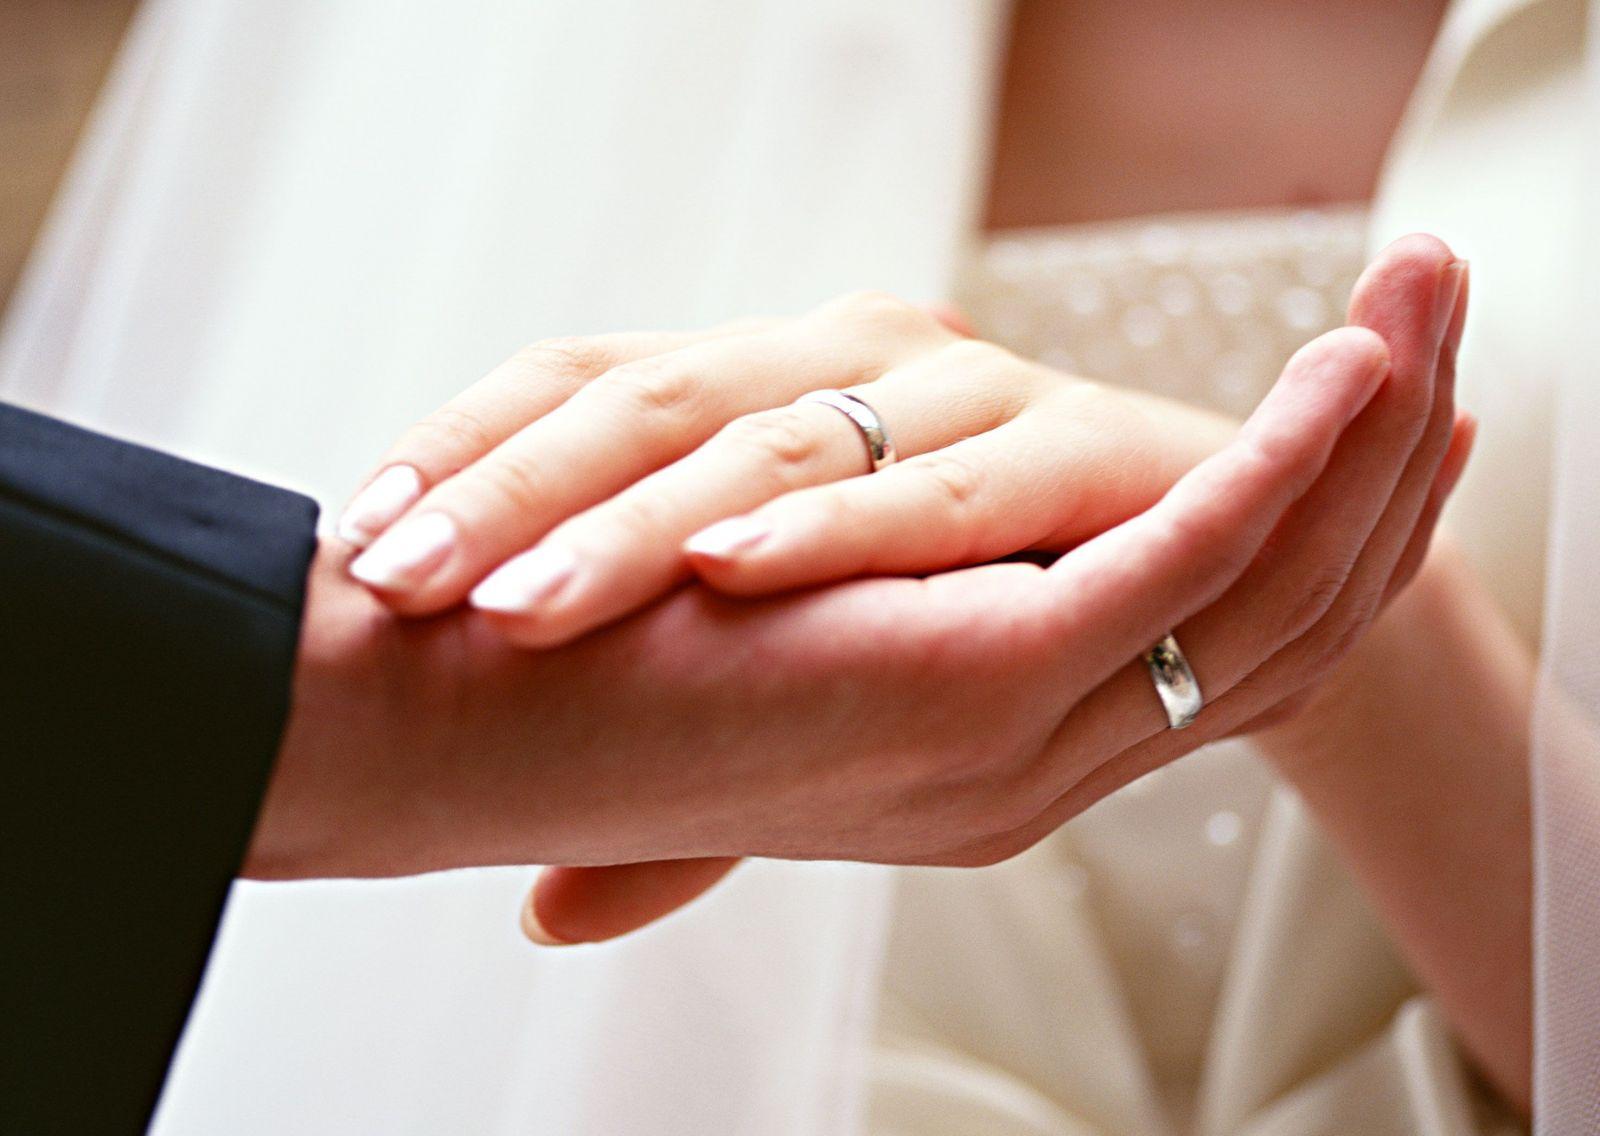 Стоит ли вступать в гражданский брак: мнение экстрасенса - фото №5